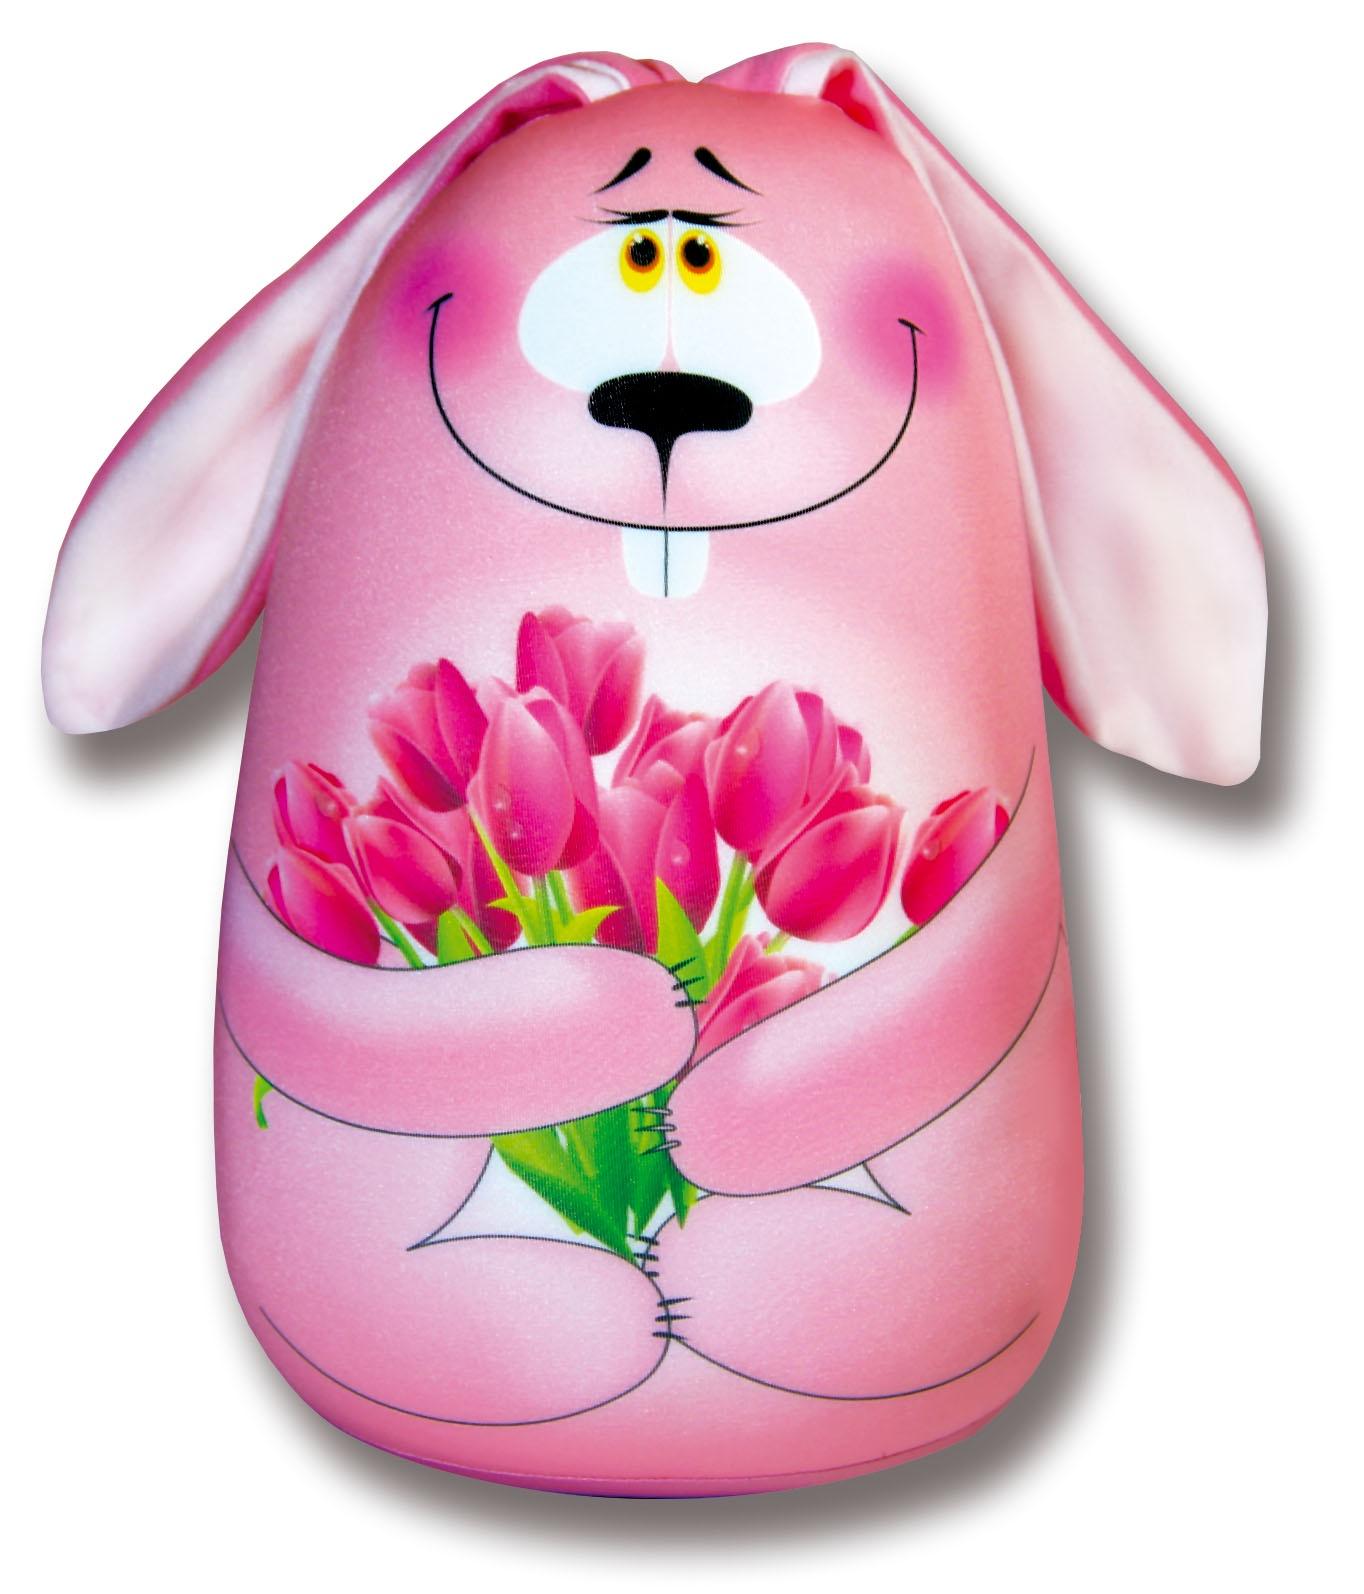 Подушка-игрушка Штучки, к которым тянутся ручки антистрессовая Элвин, розовый